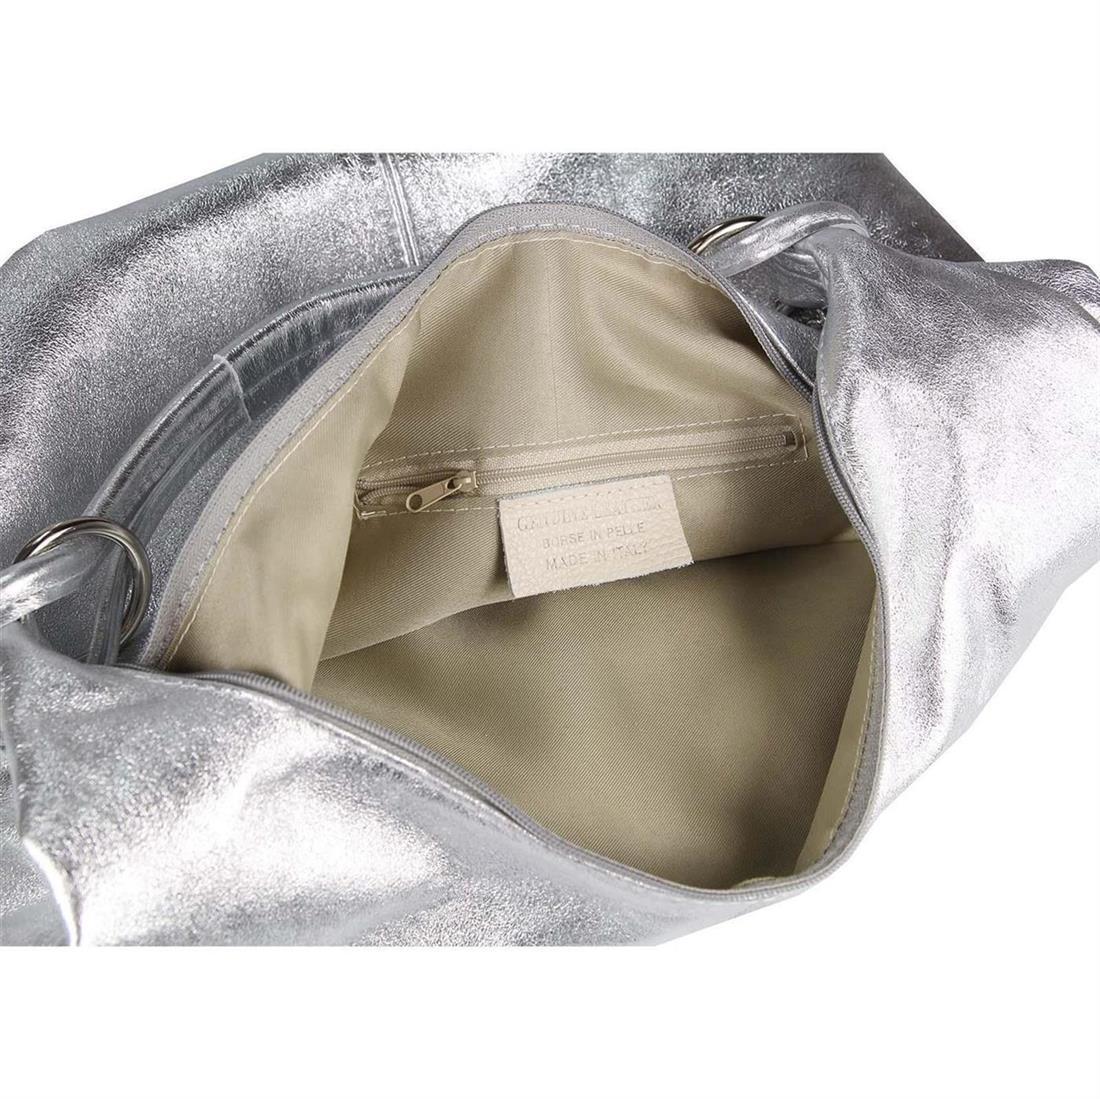 ITAL DAMEN XXL LEDER SHOPPER HANDTasche Schultertasche Umhängetasche Beutel BAG